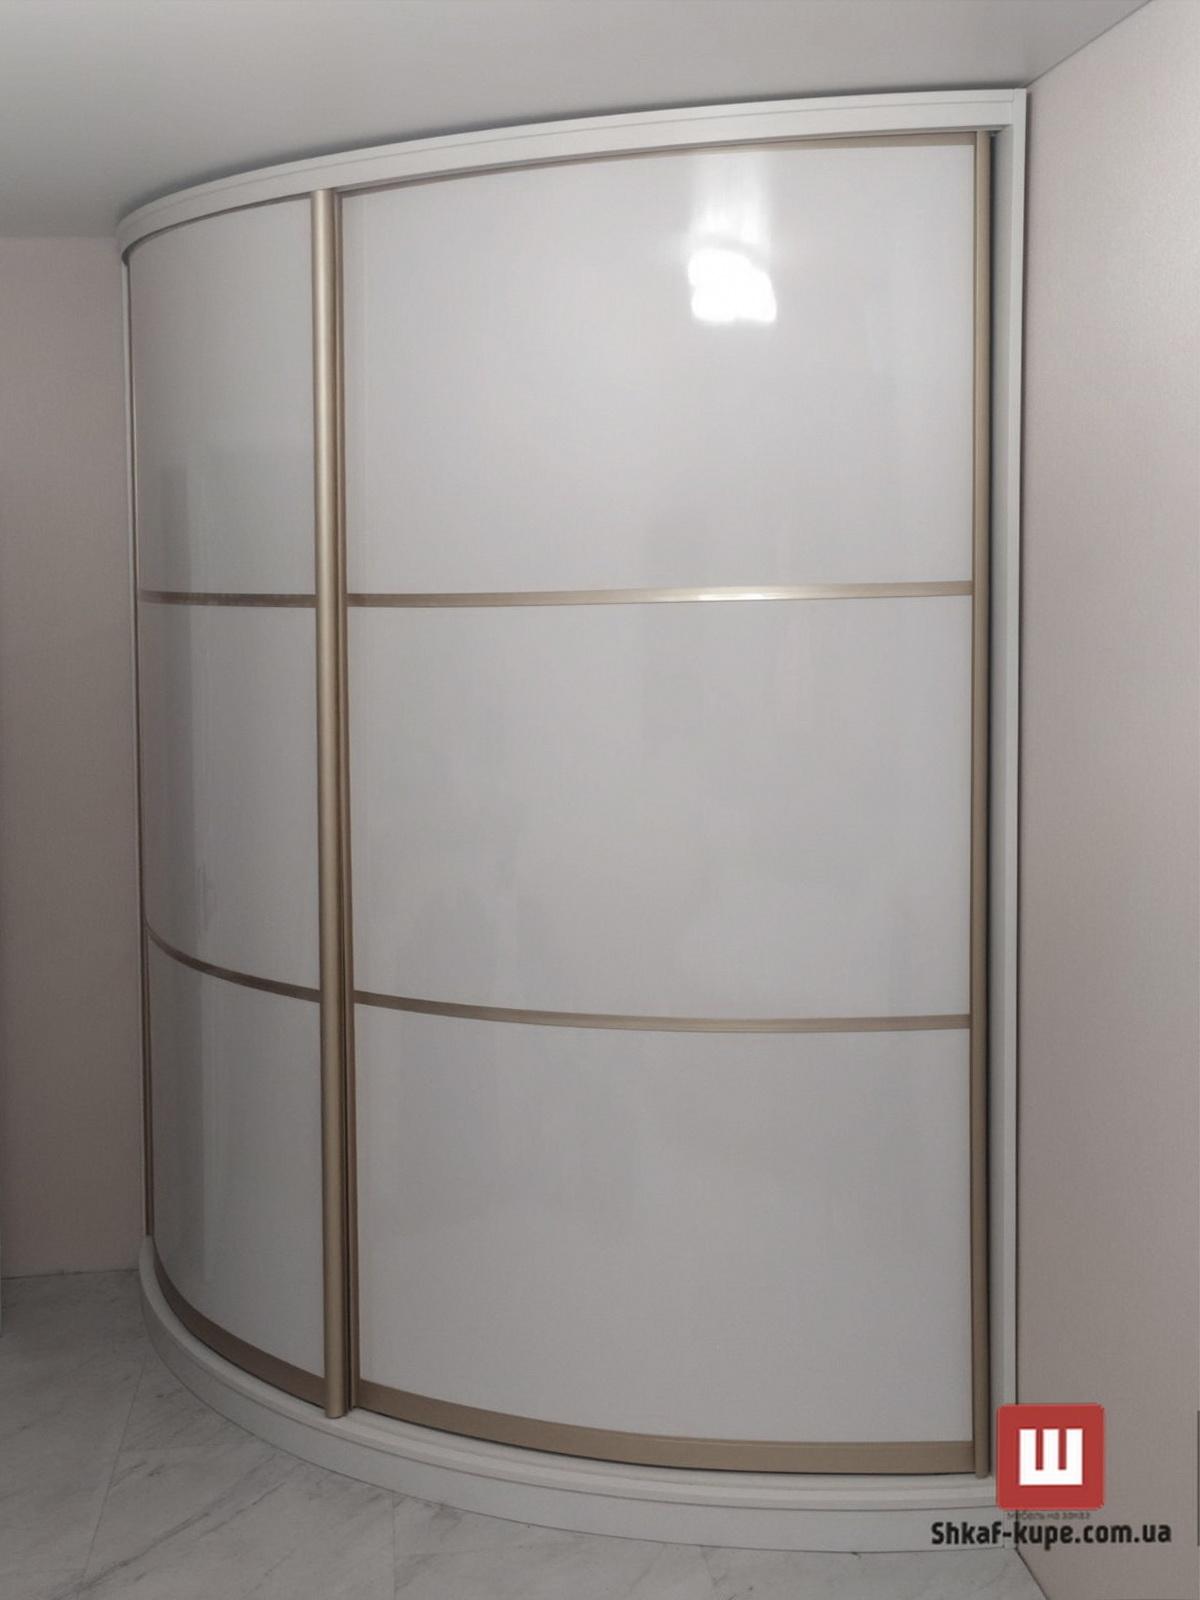 офисный радиусный шкаф